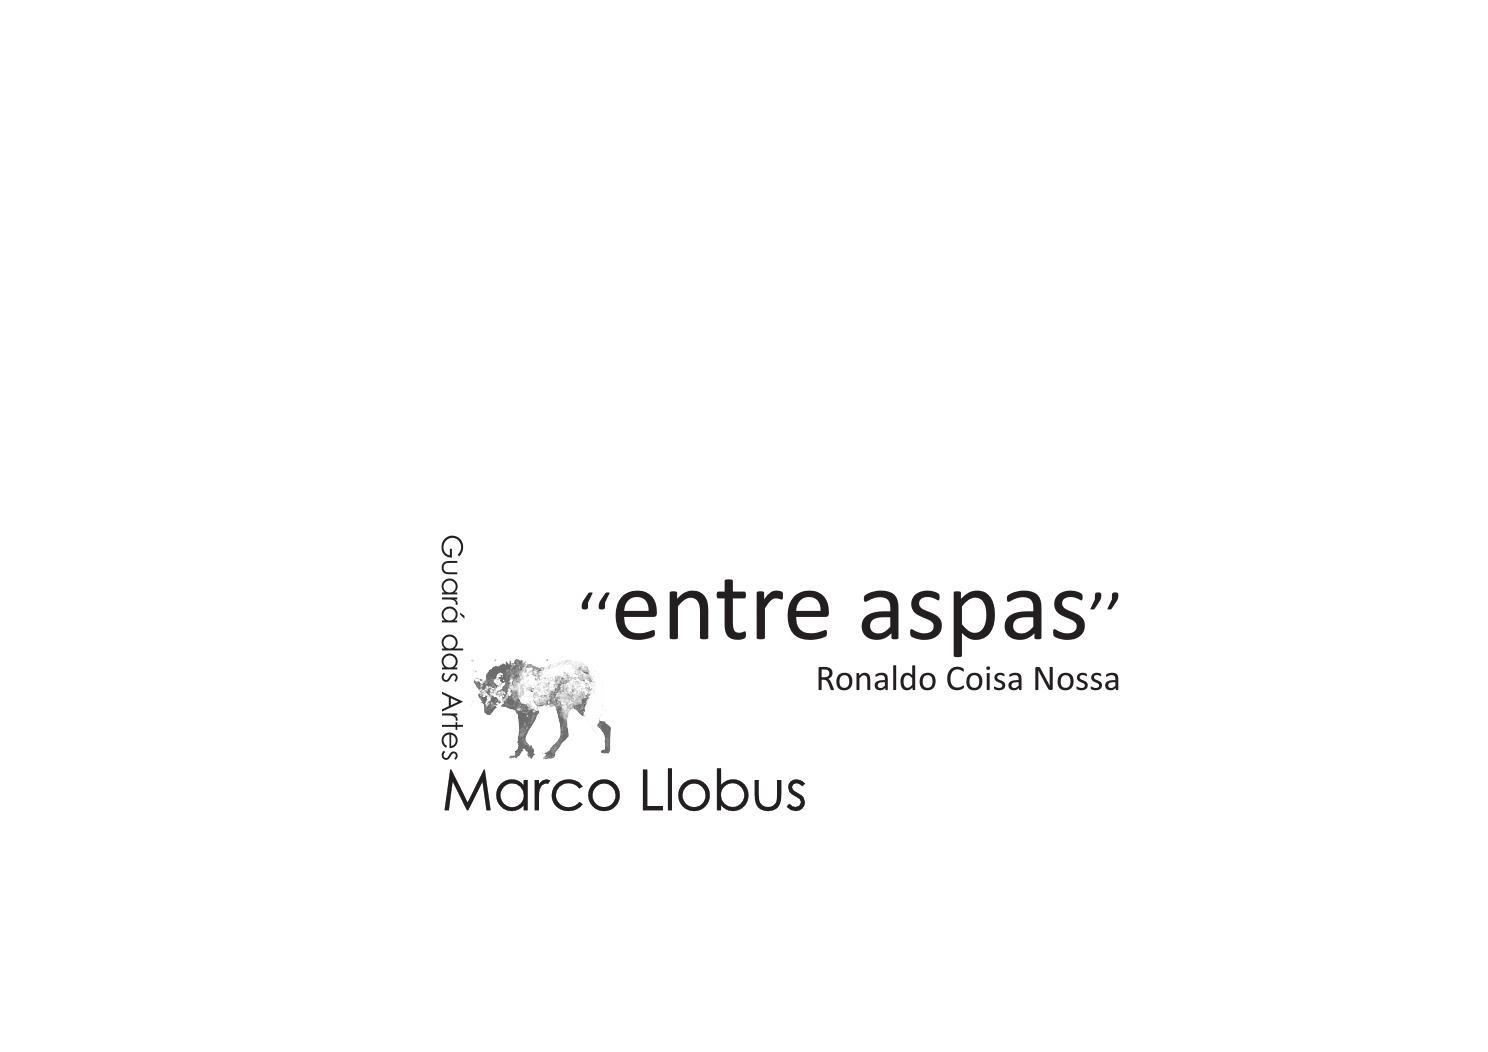 Apresentação encarte entre aspas para pdf ronaldo coisa nossa dezembro 2015  by Marco llobus - issuu 926303a8a2f15